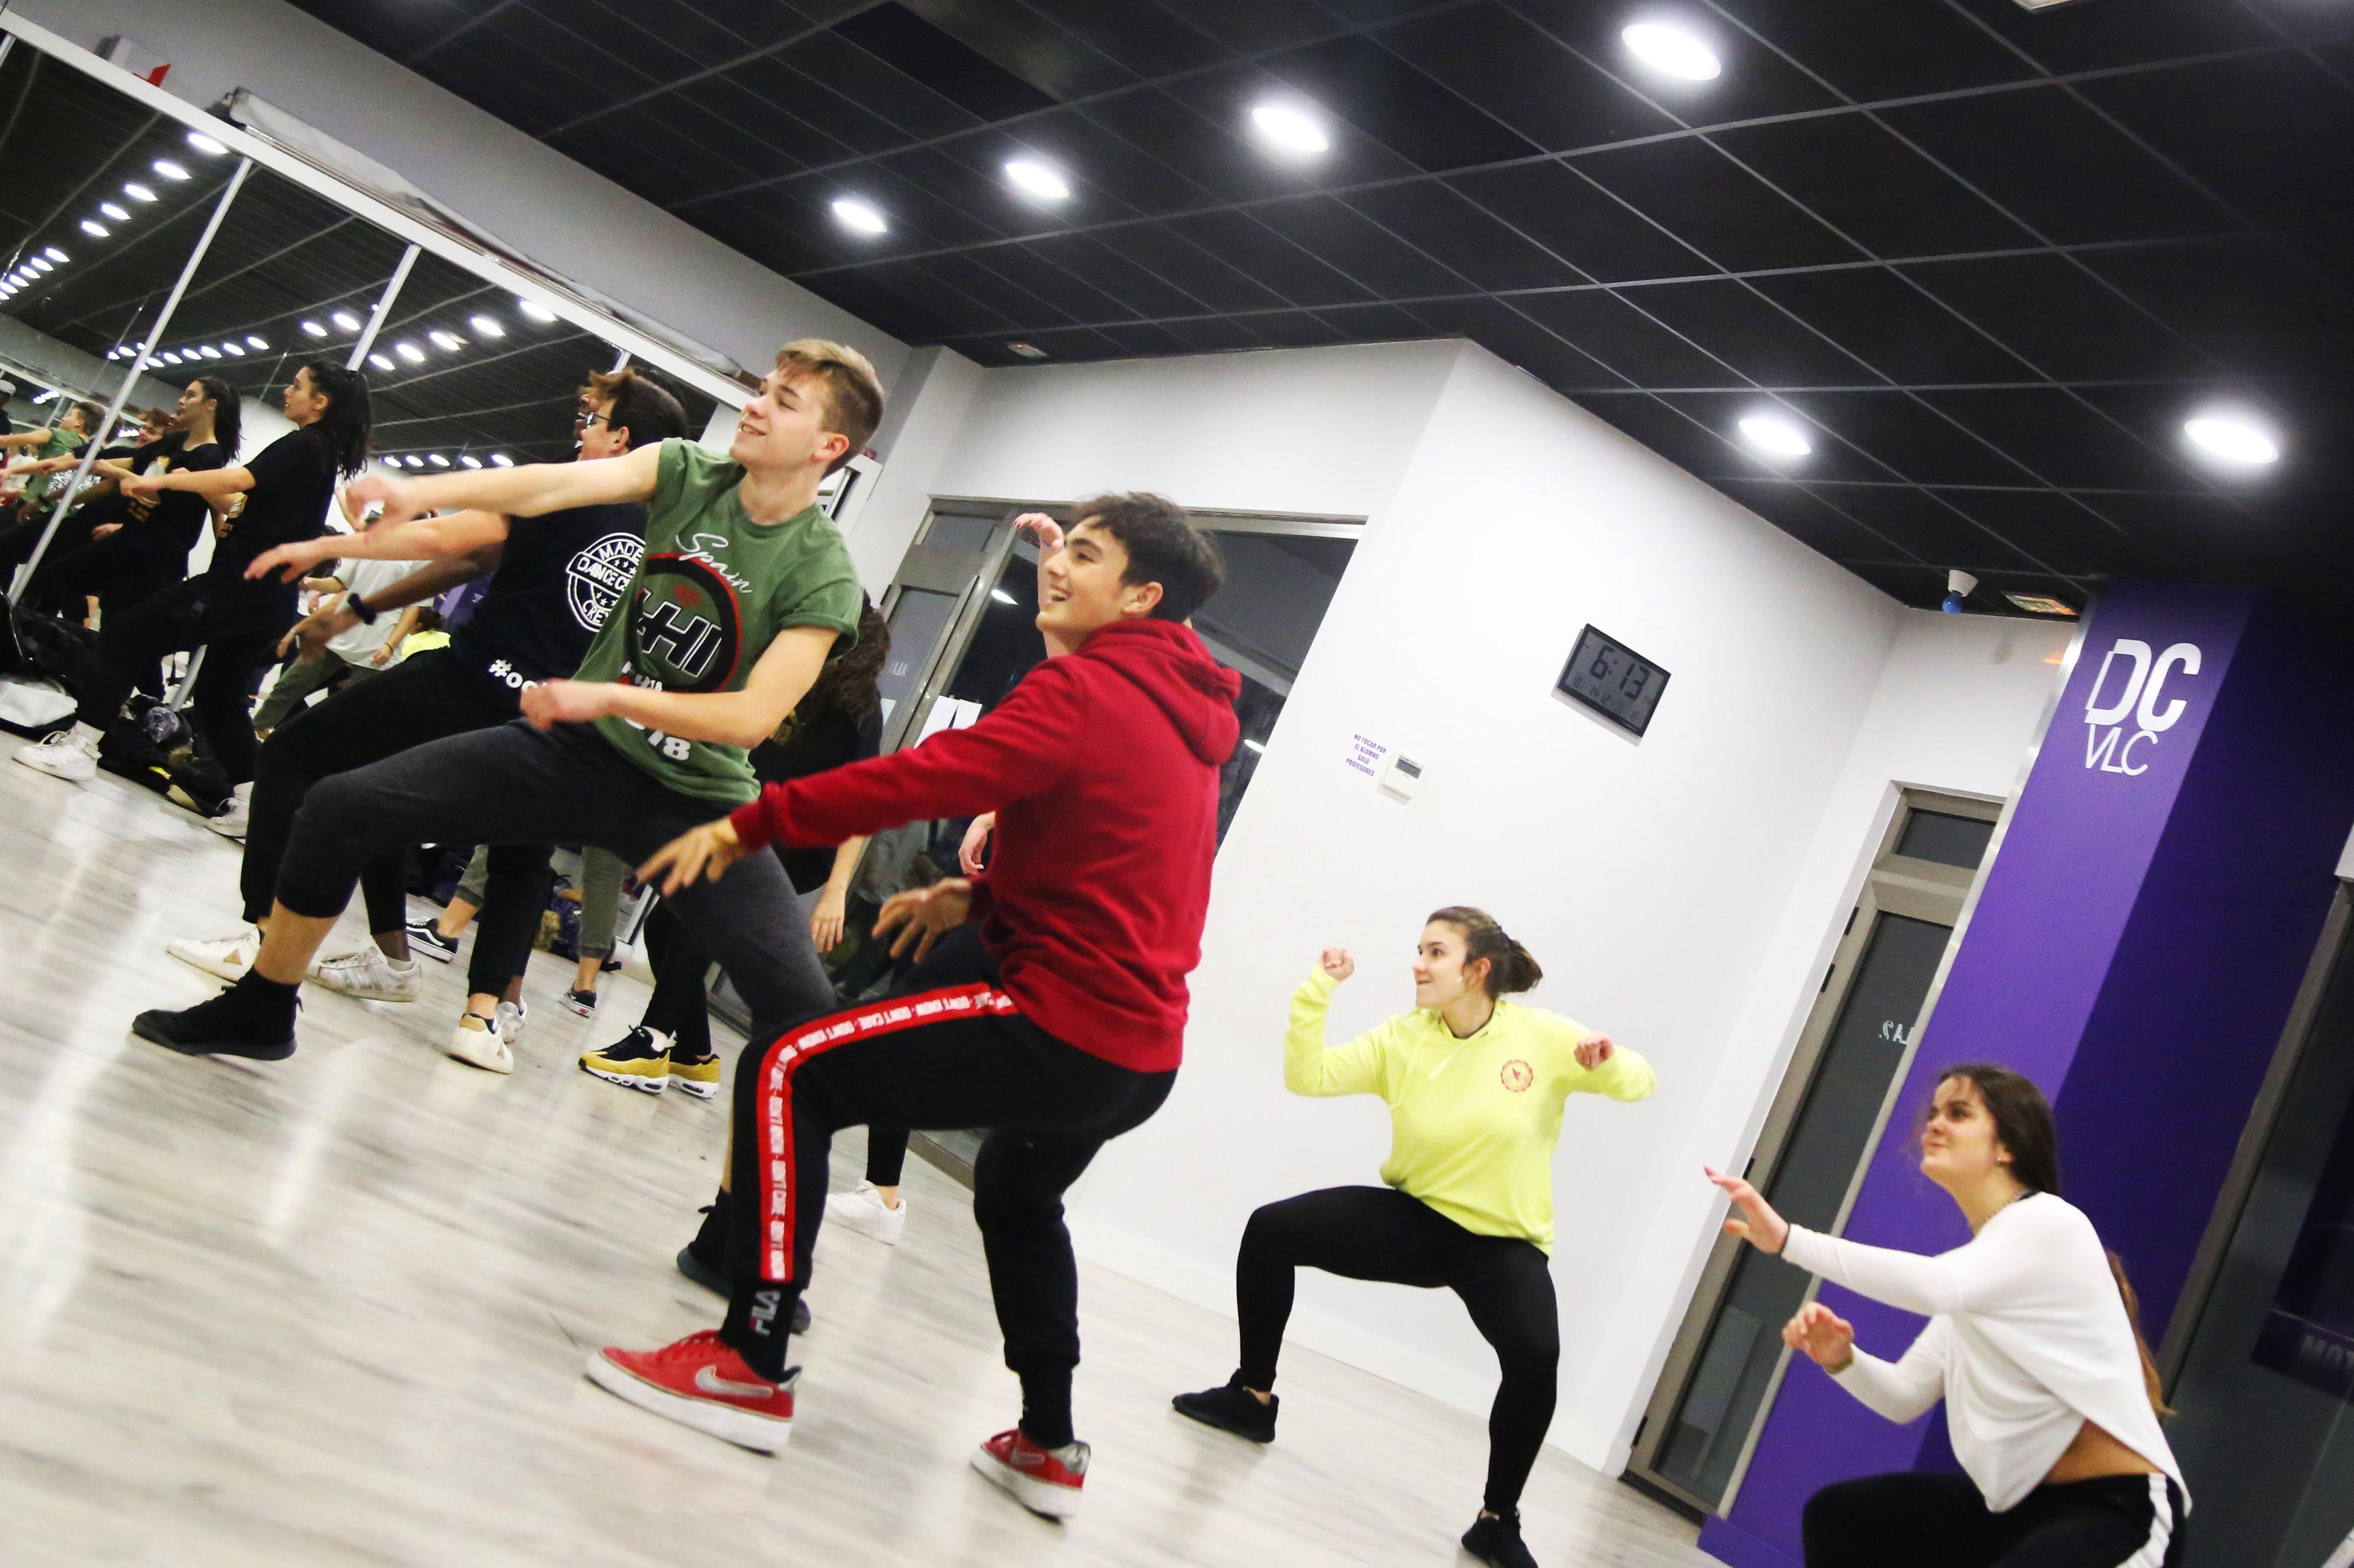 Foto 59 de Academias de bailes de salón en Valencia | Dance Center Valencia